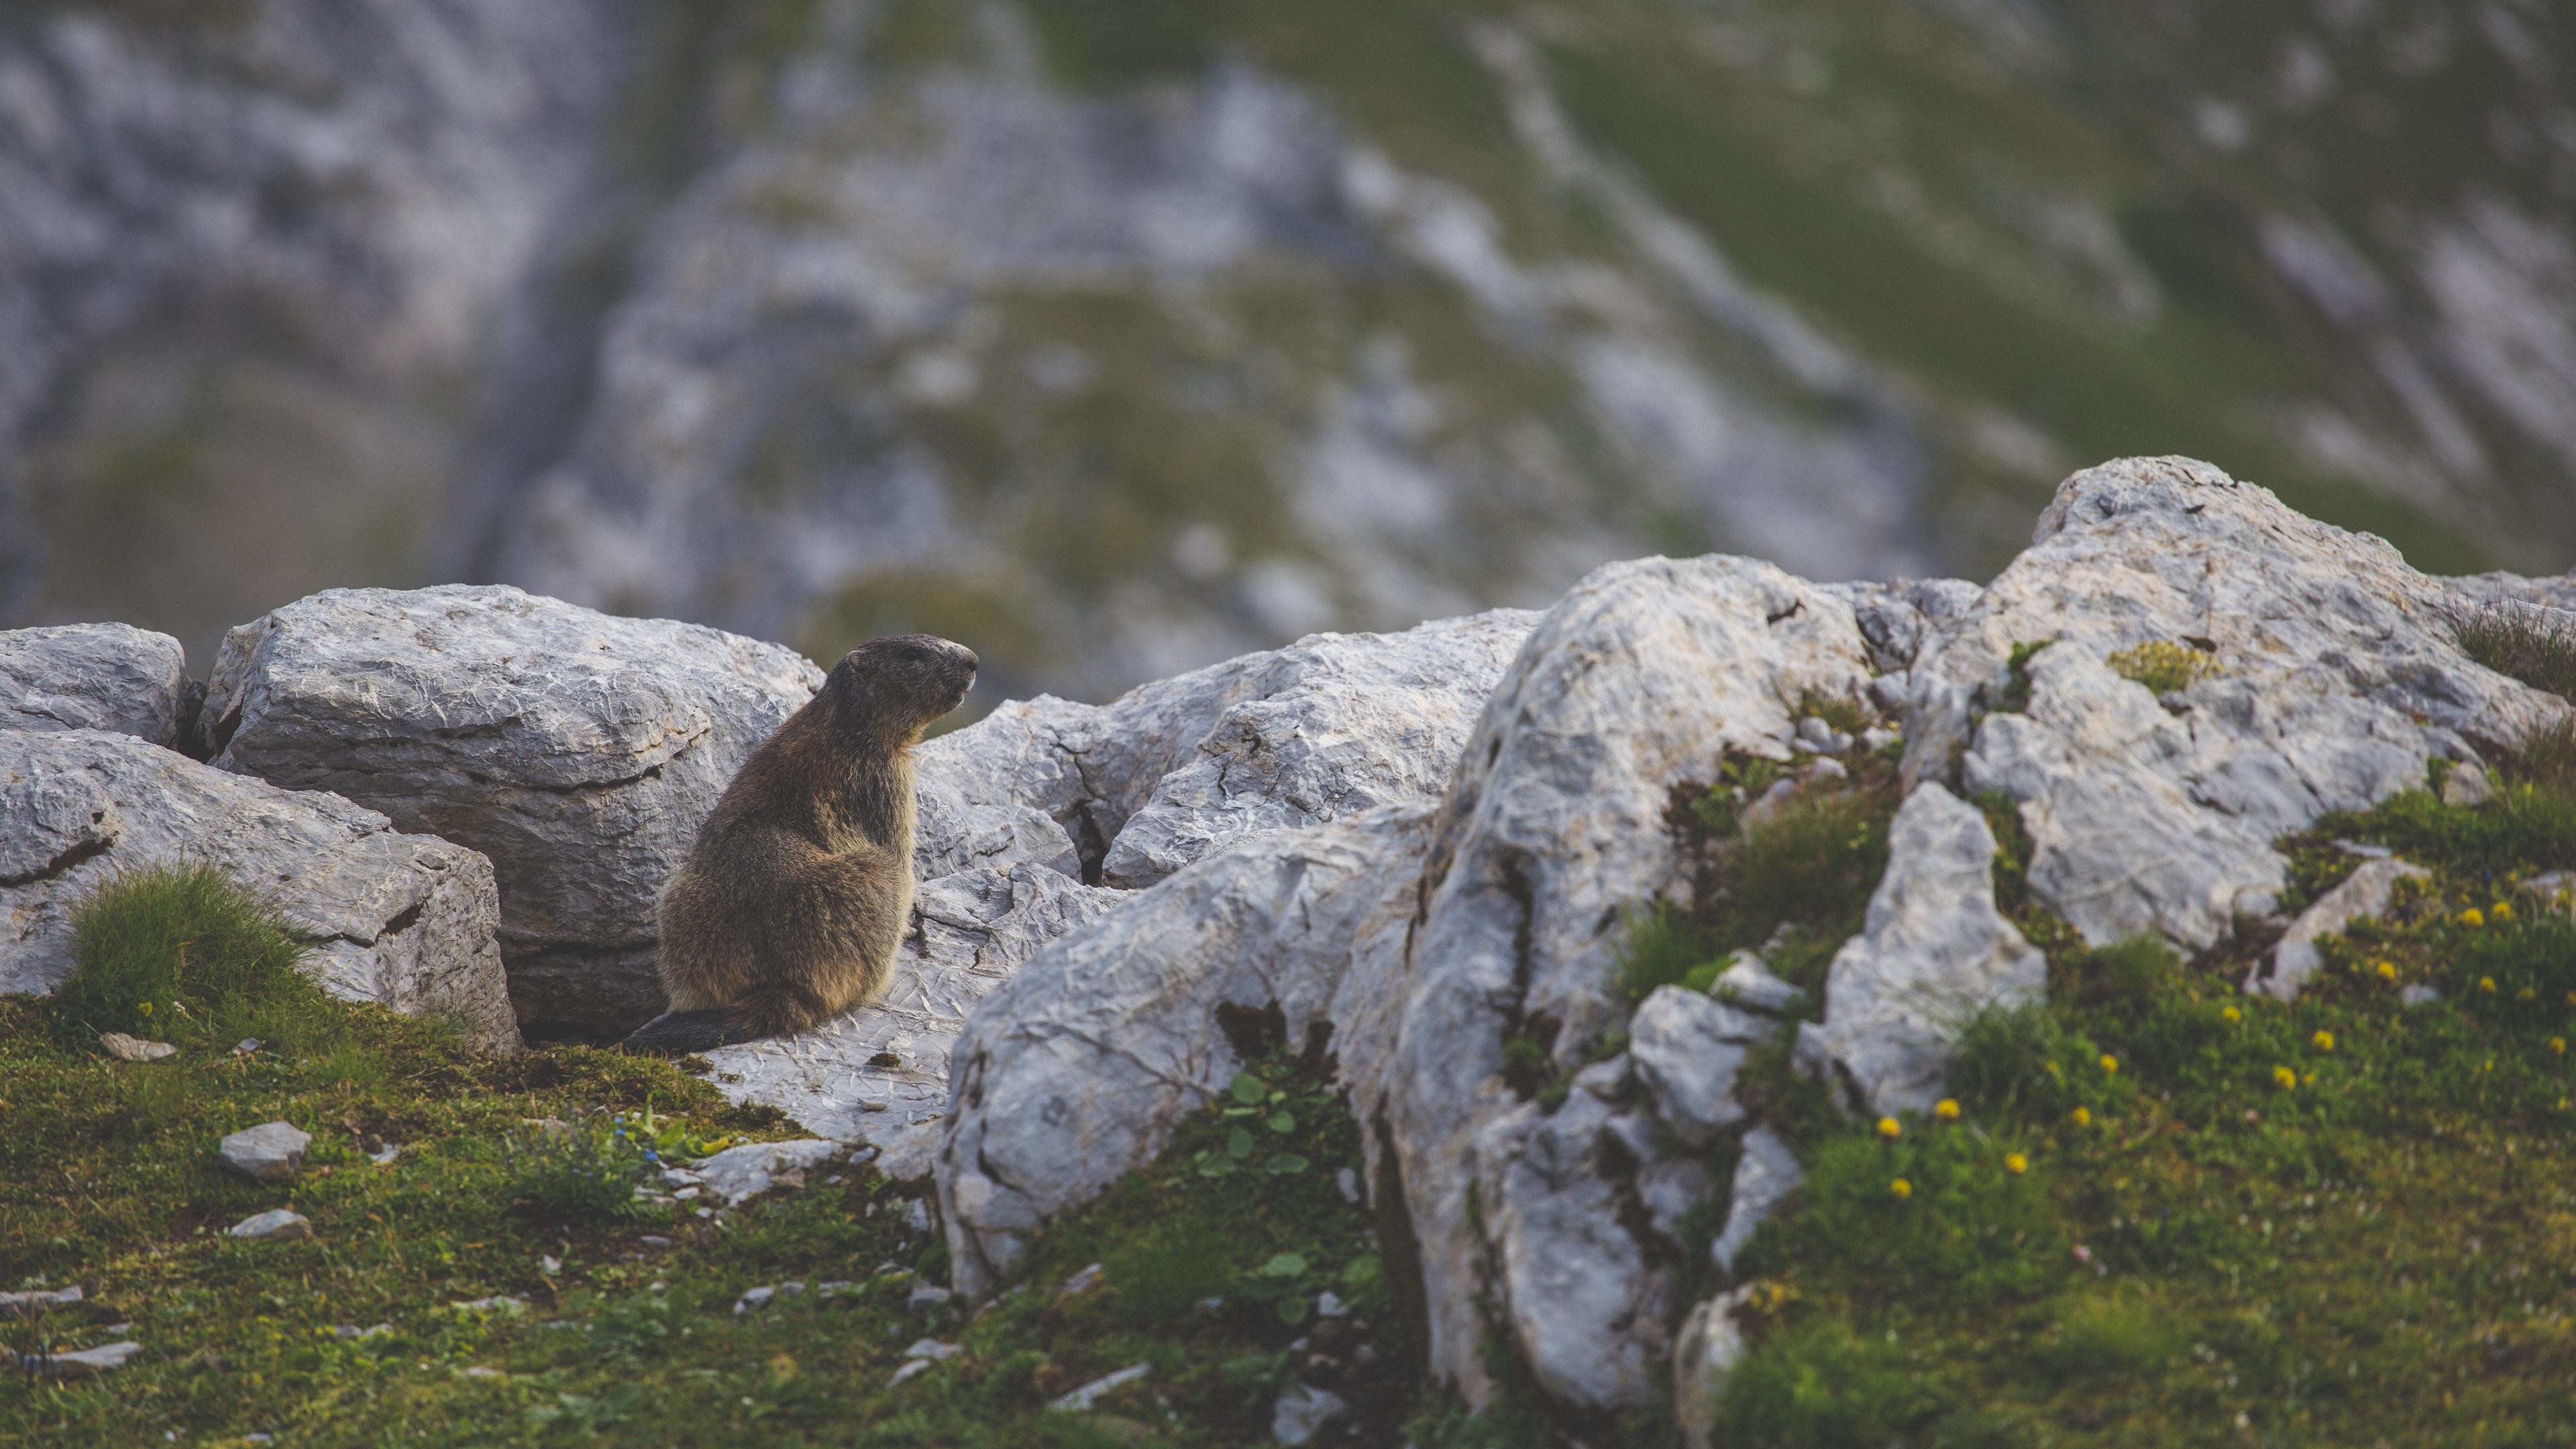 beaver sitting grass rocks 4k 1542242964 - beaver, sitting, grass, rocks 4k - Sitting, Grass, beaver